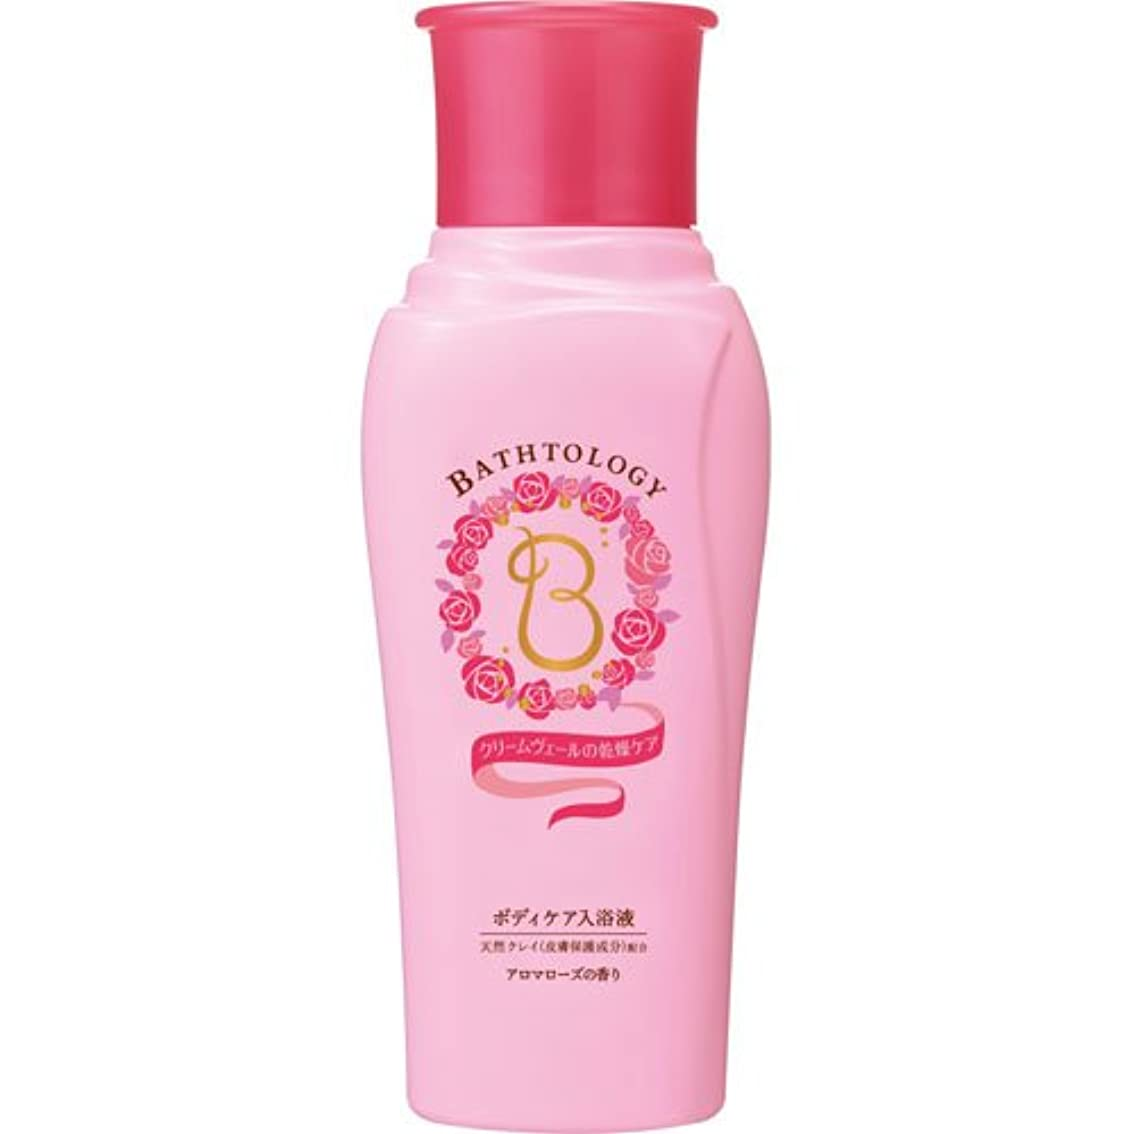 マナー宿題生き物BATHTOLOGY ボディケア入浴液 アロマローズの香り 本体 450mL